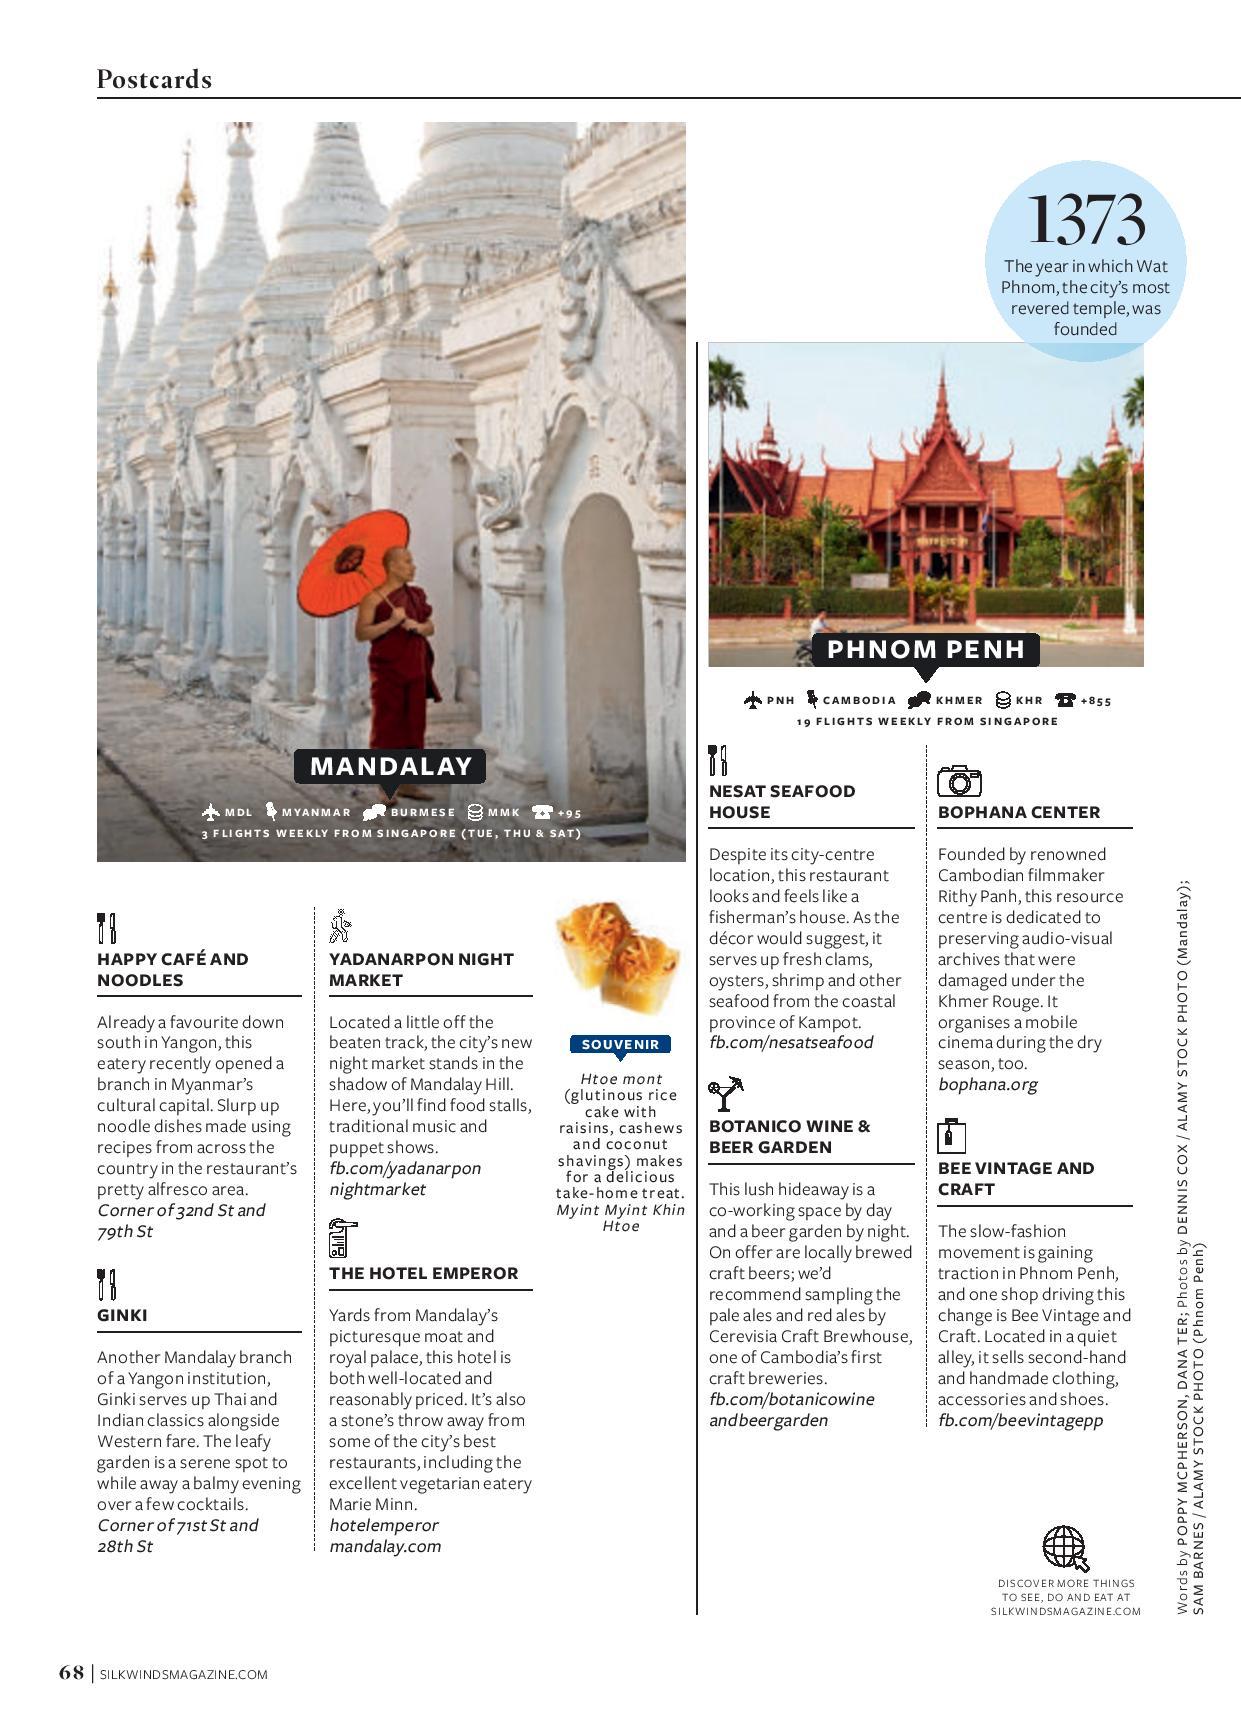 Phnom penh city guide p68